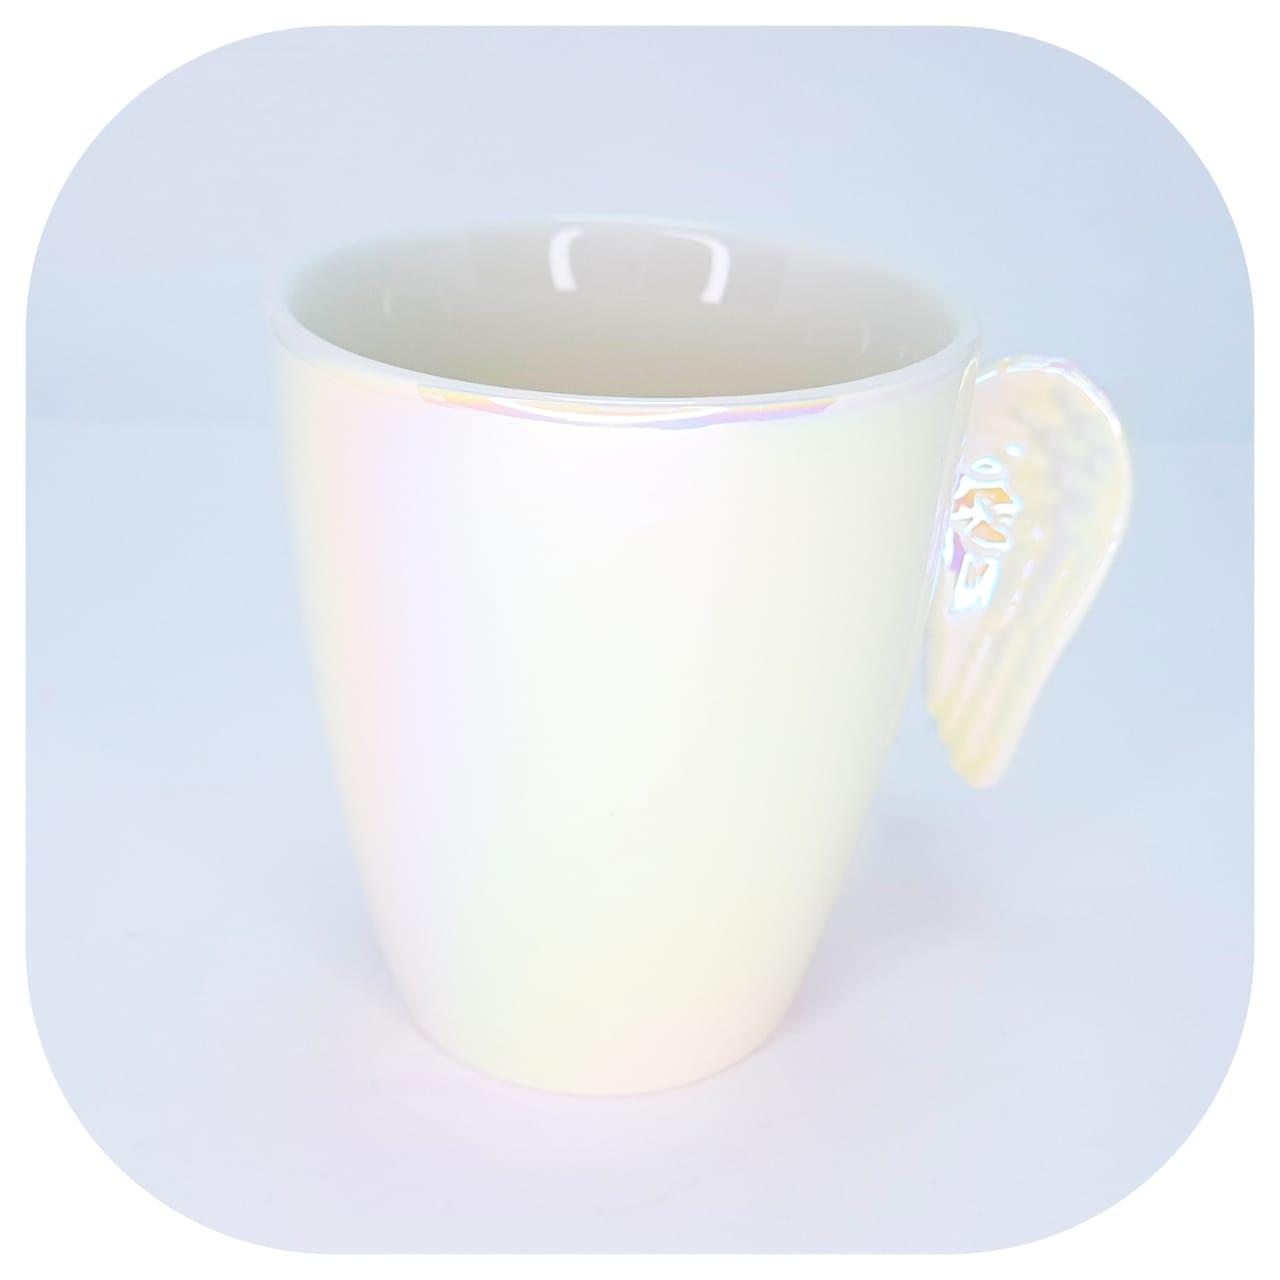 Caneta de Cerâmica - Holográfica - Asas